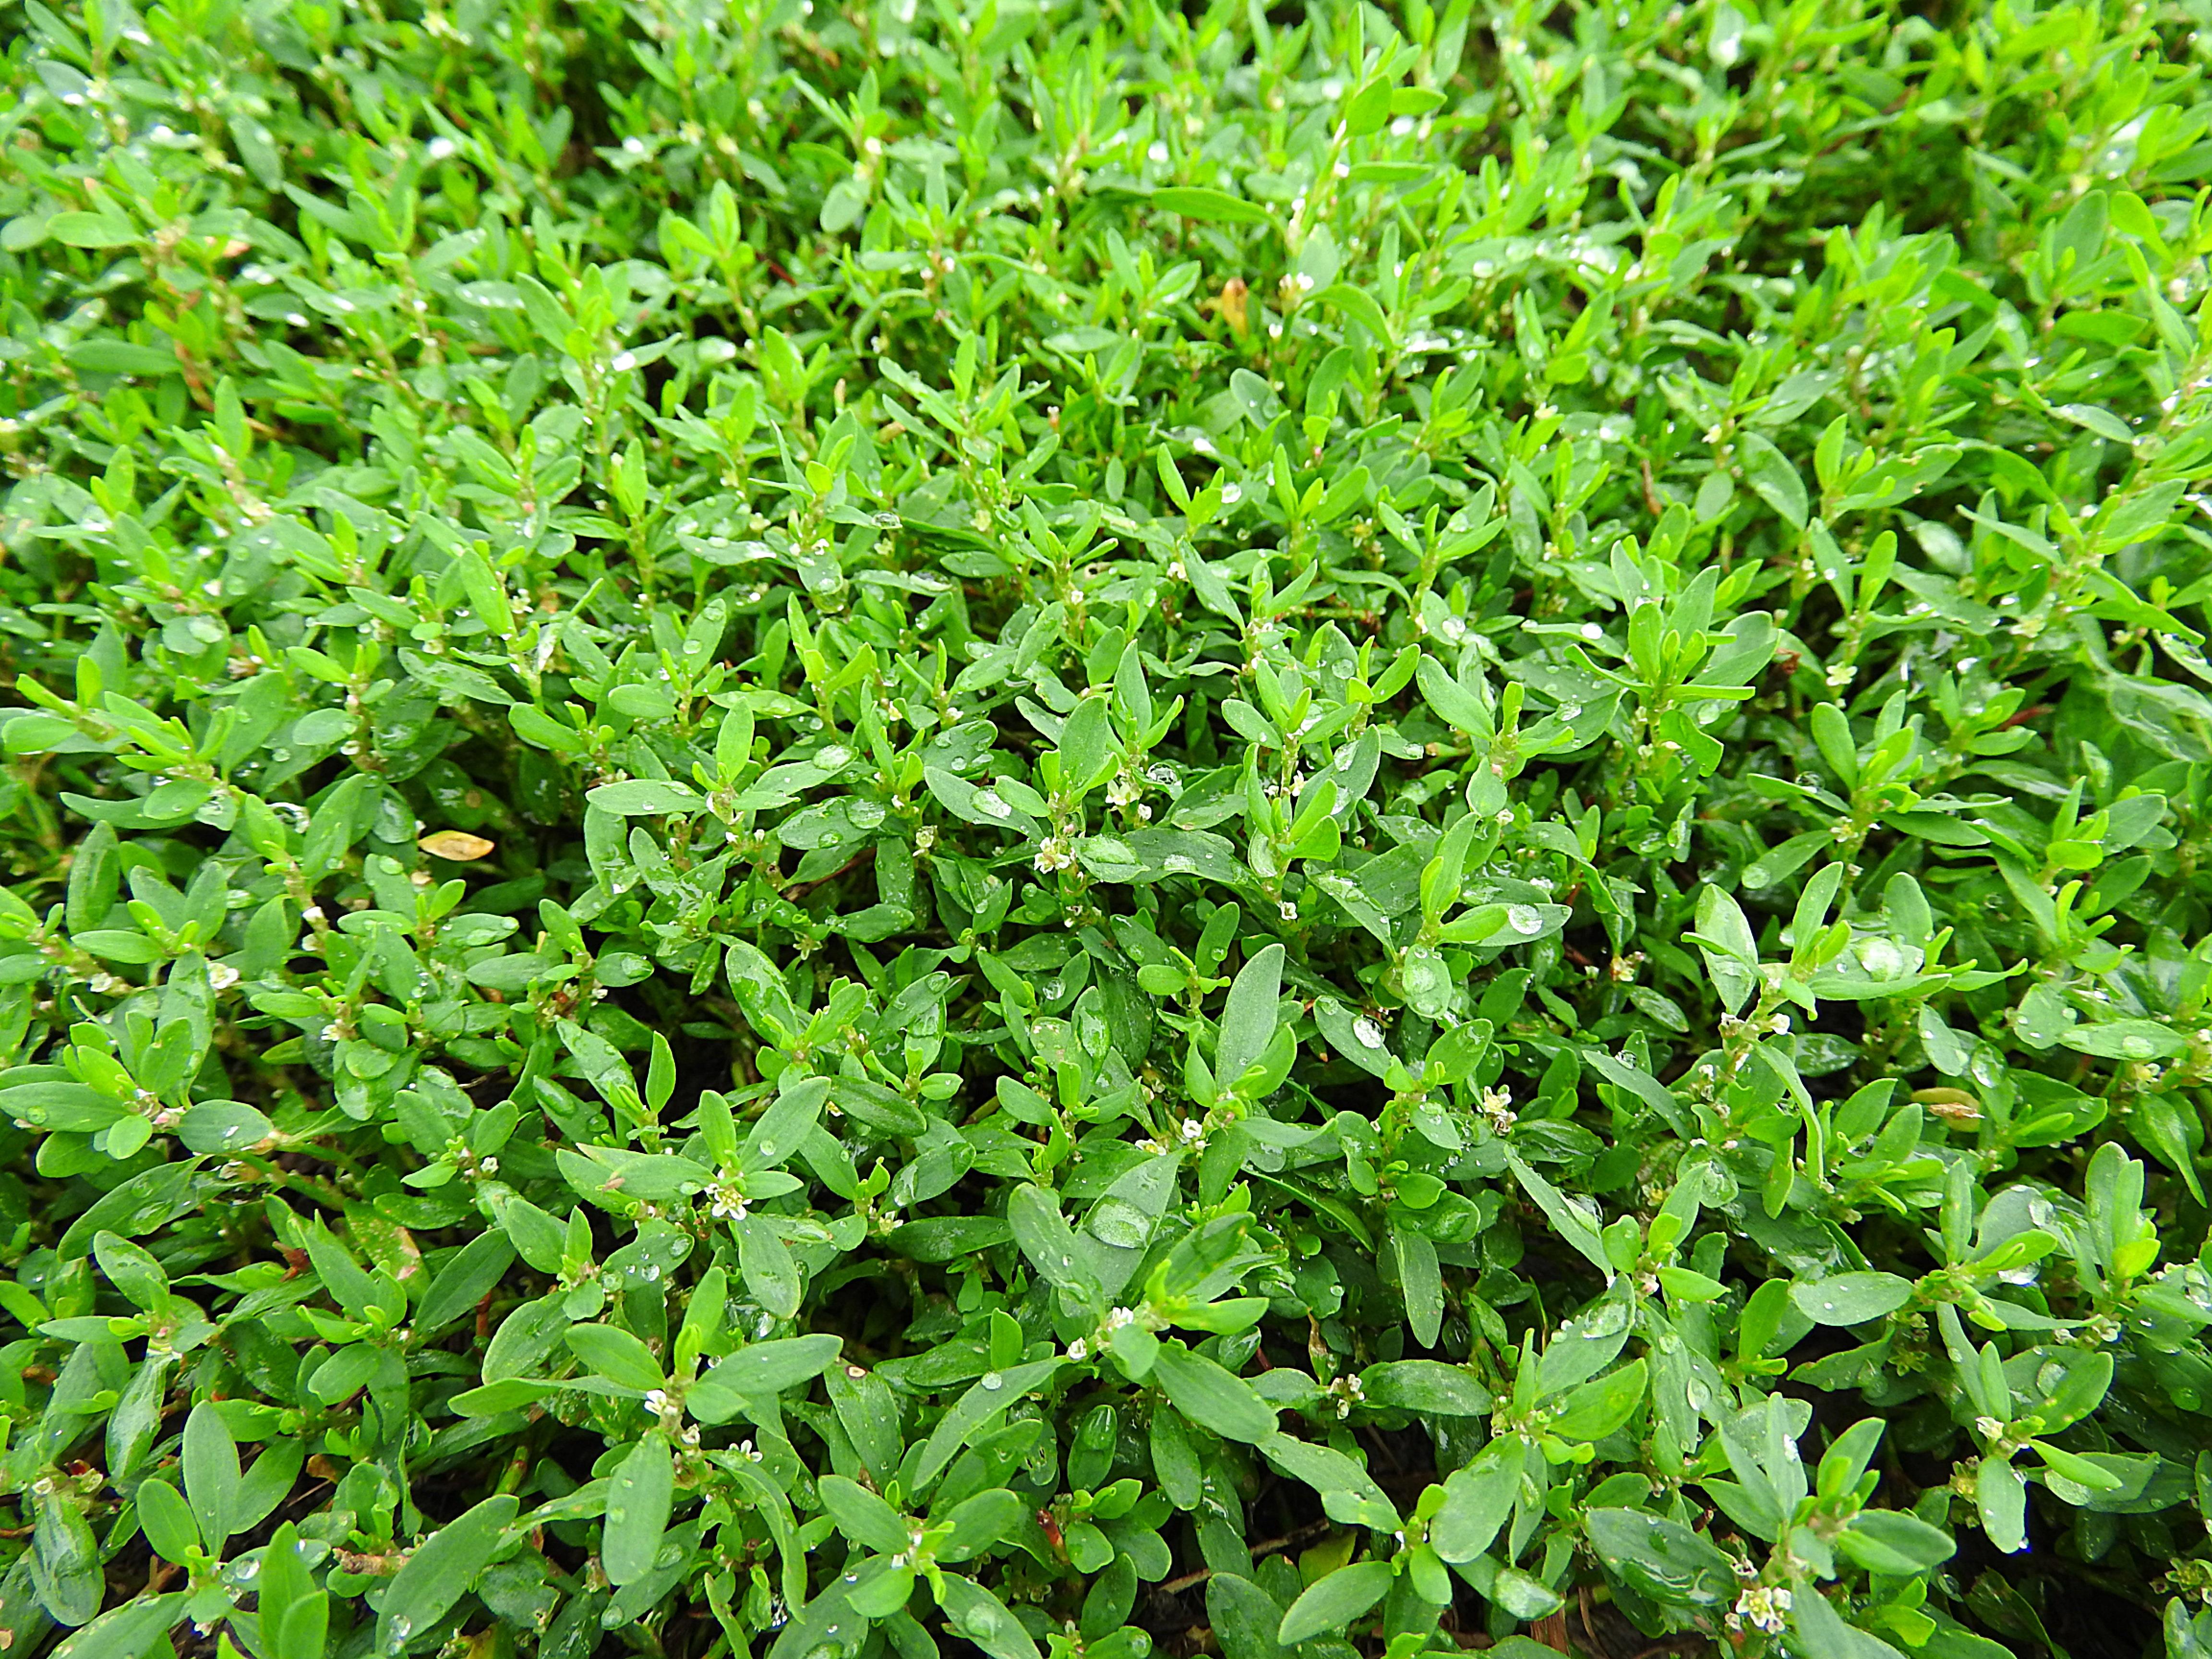 Elegant Grüne Pflanzen Sammlung Von Gras Pflanze Rasen Blatt Blume Kraut Produzieren